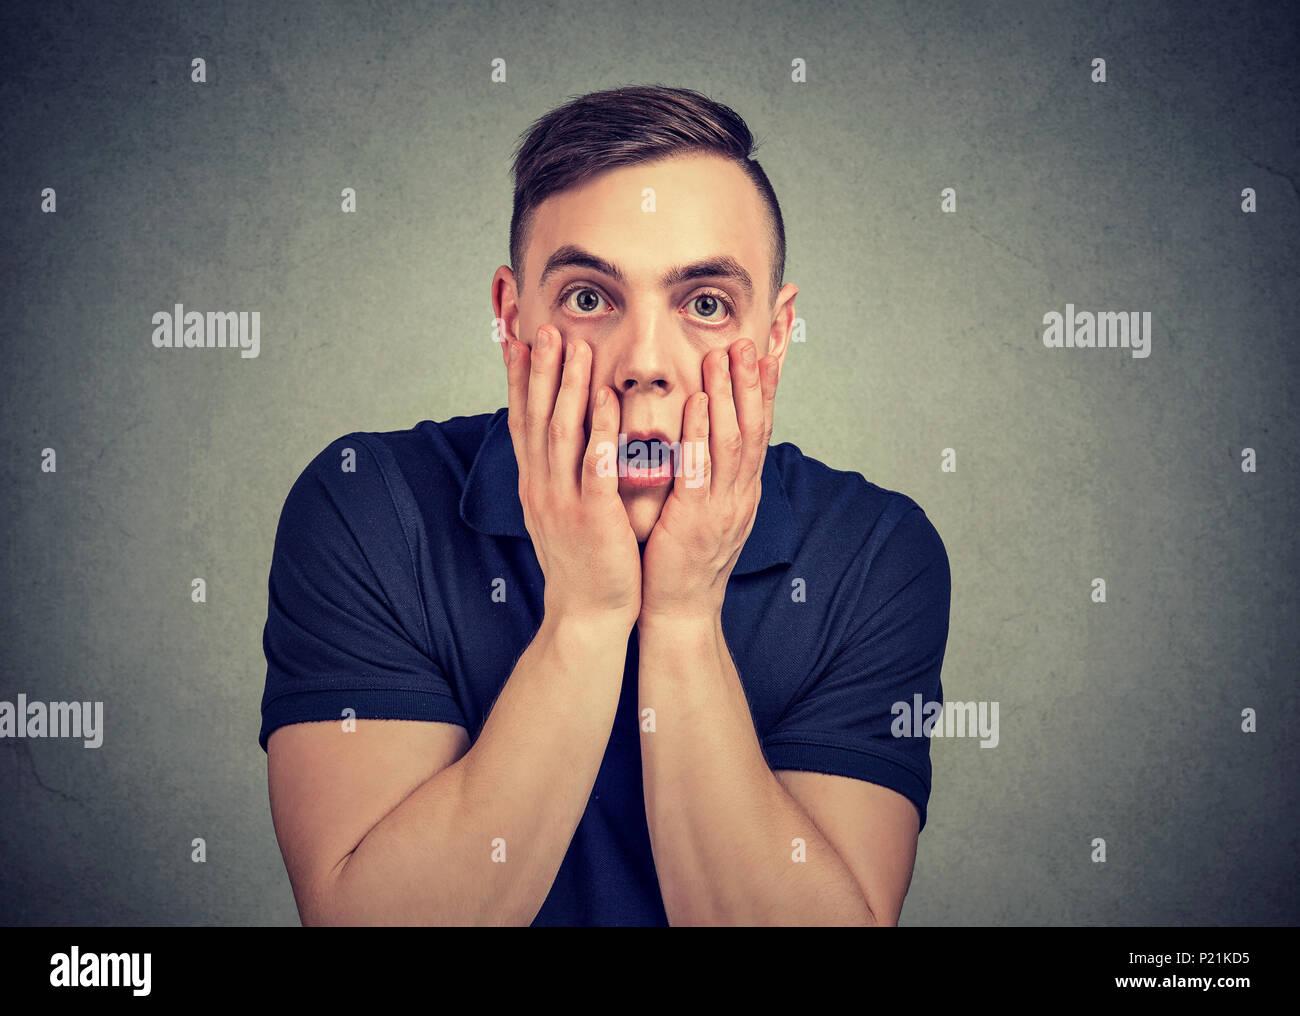 Junge legerer Mann berühren Gesicht in Verzweiflung posiert auf grau und Kamera mit Angst. Stockbild